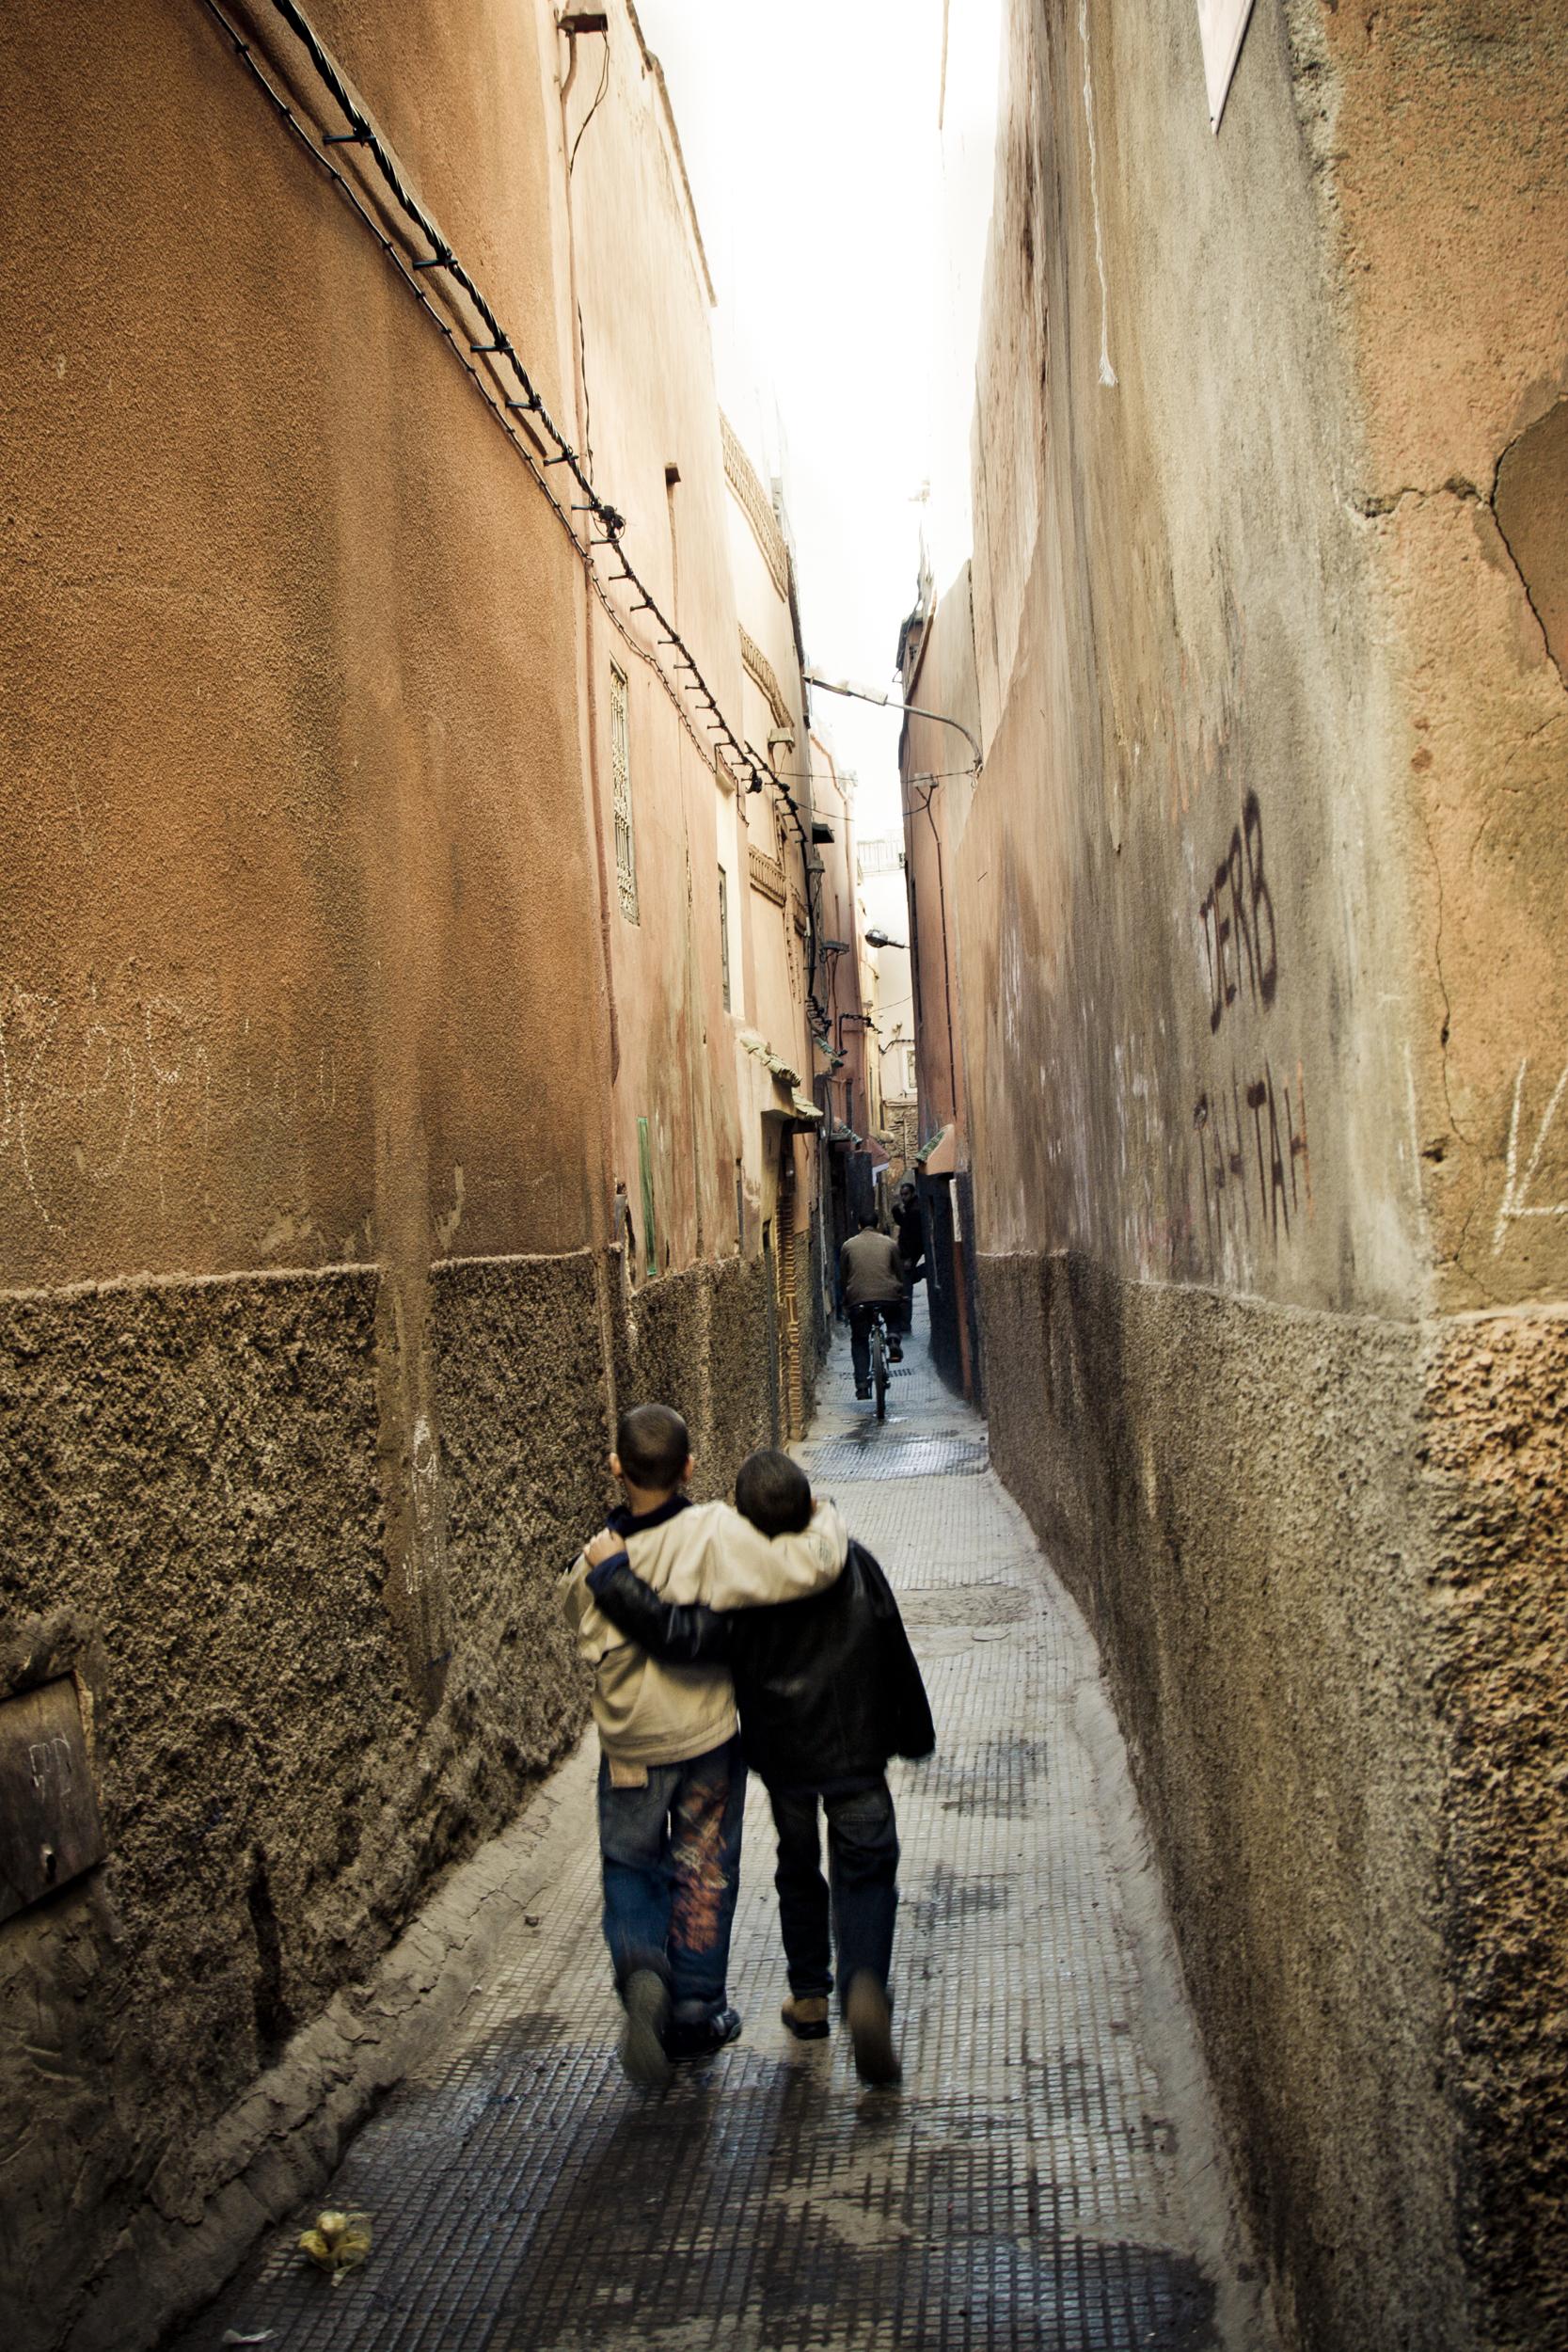 Vikk_Shayen_portfolio_Maroc-nov2008-7952.jpg